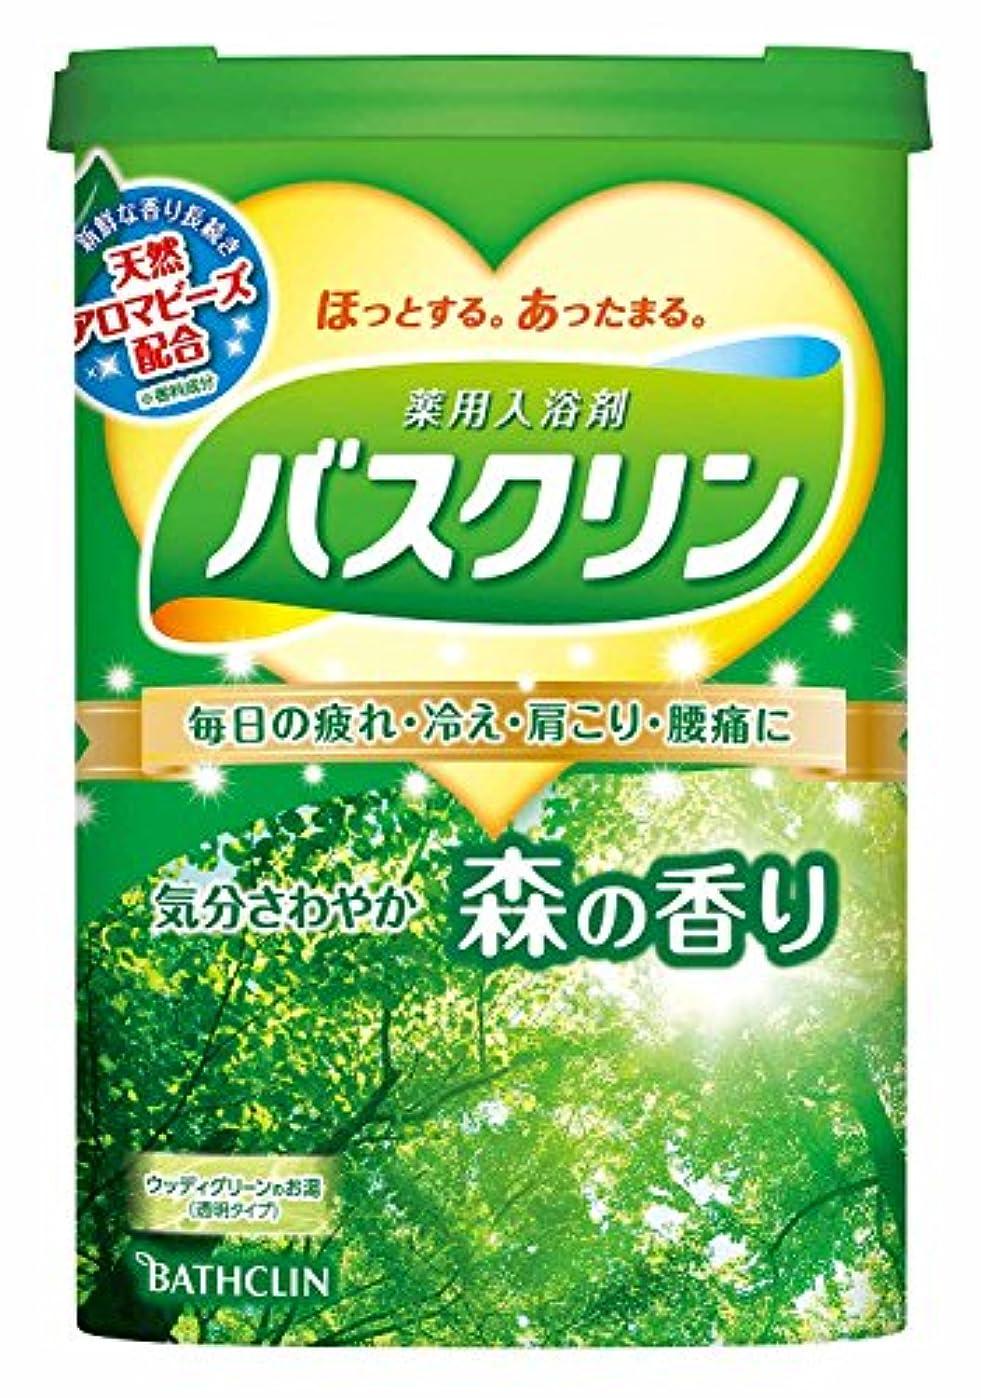 アーチ動物園アクティビティバスクリン森の香り600g